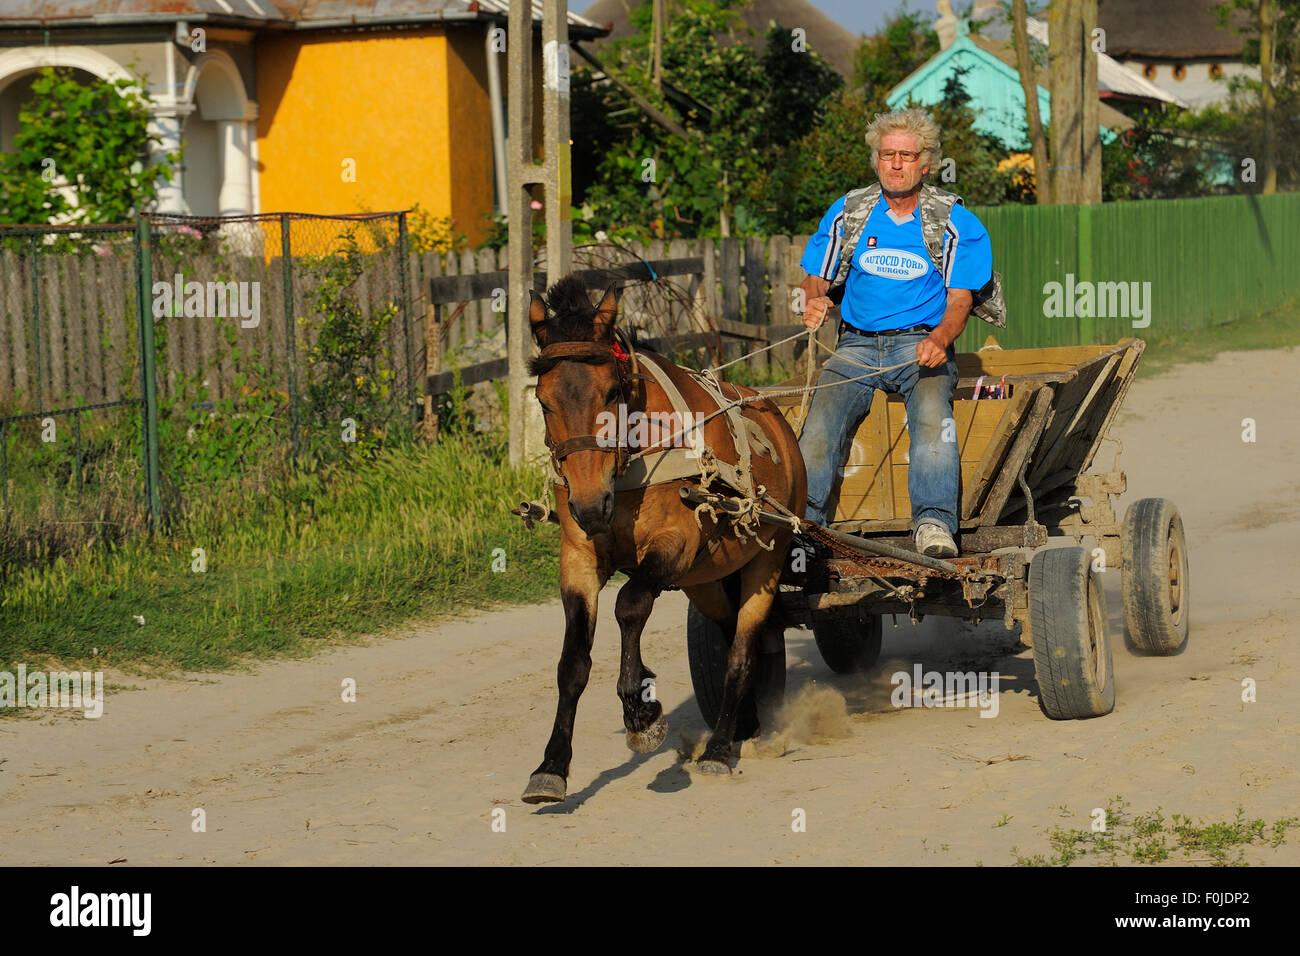 I tradizionali mezzi di trasporto, cavallo e carrello, Sfinthu Gheorghe, delta del Danubio area rewilding, Romania Immagini Stock